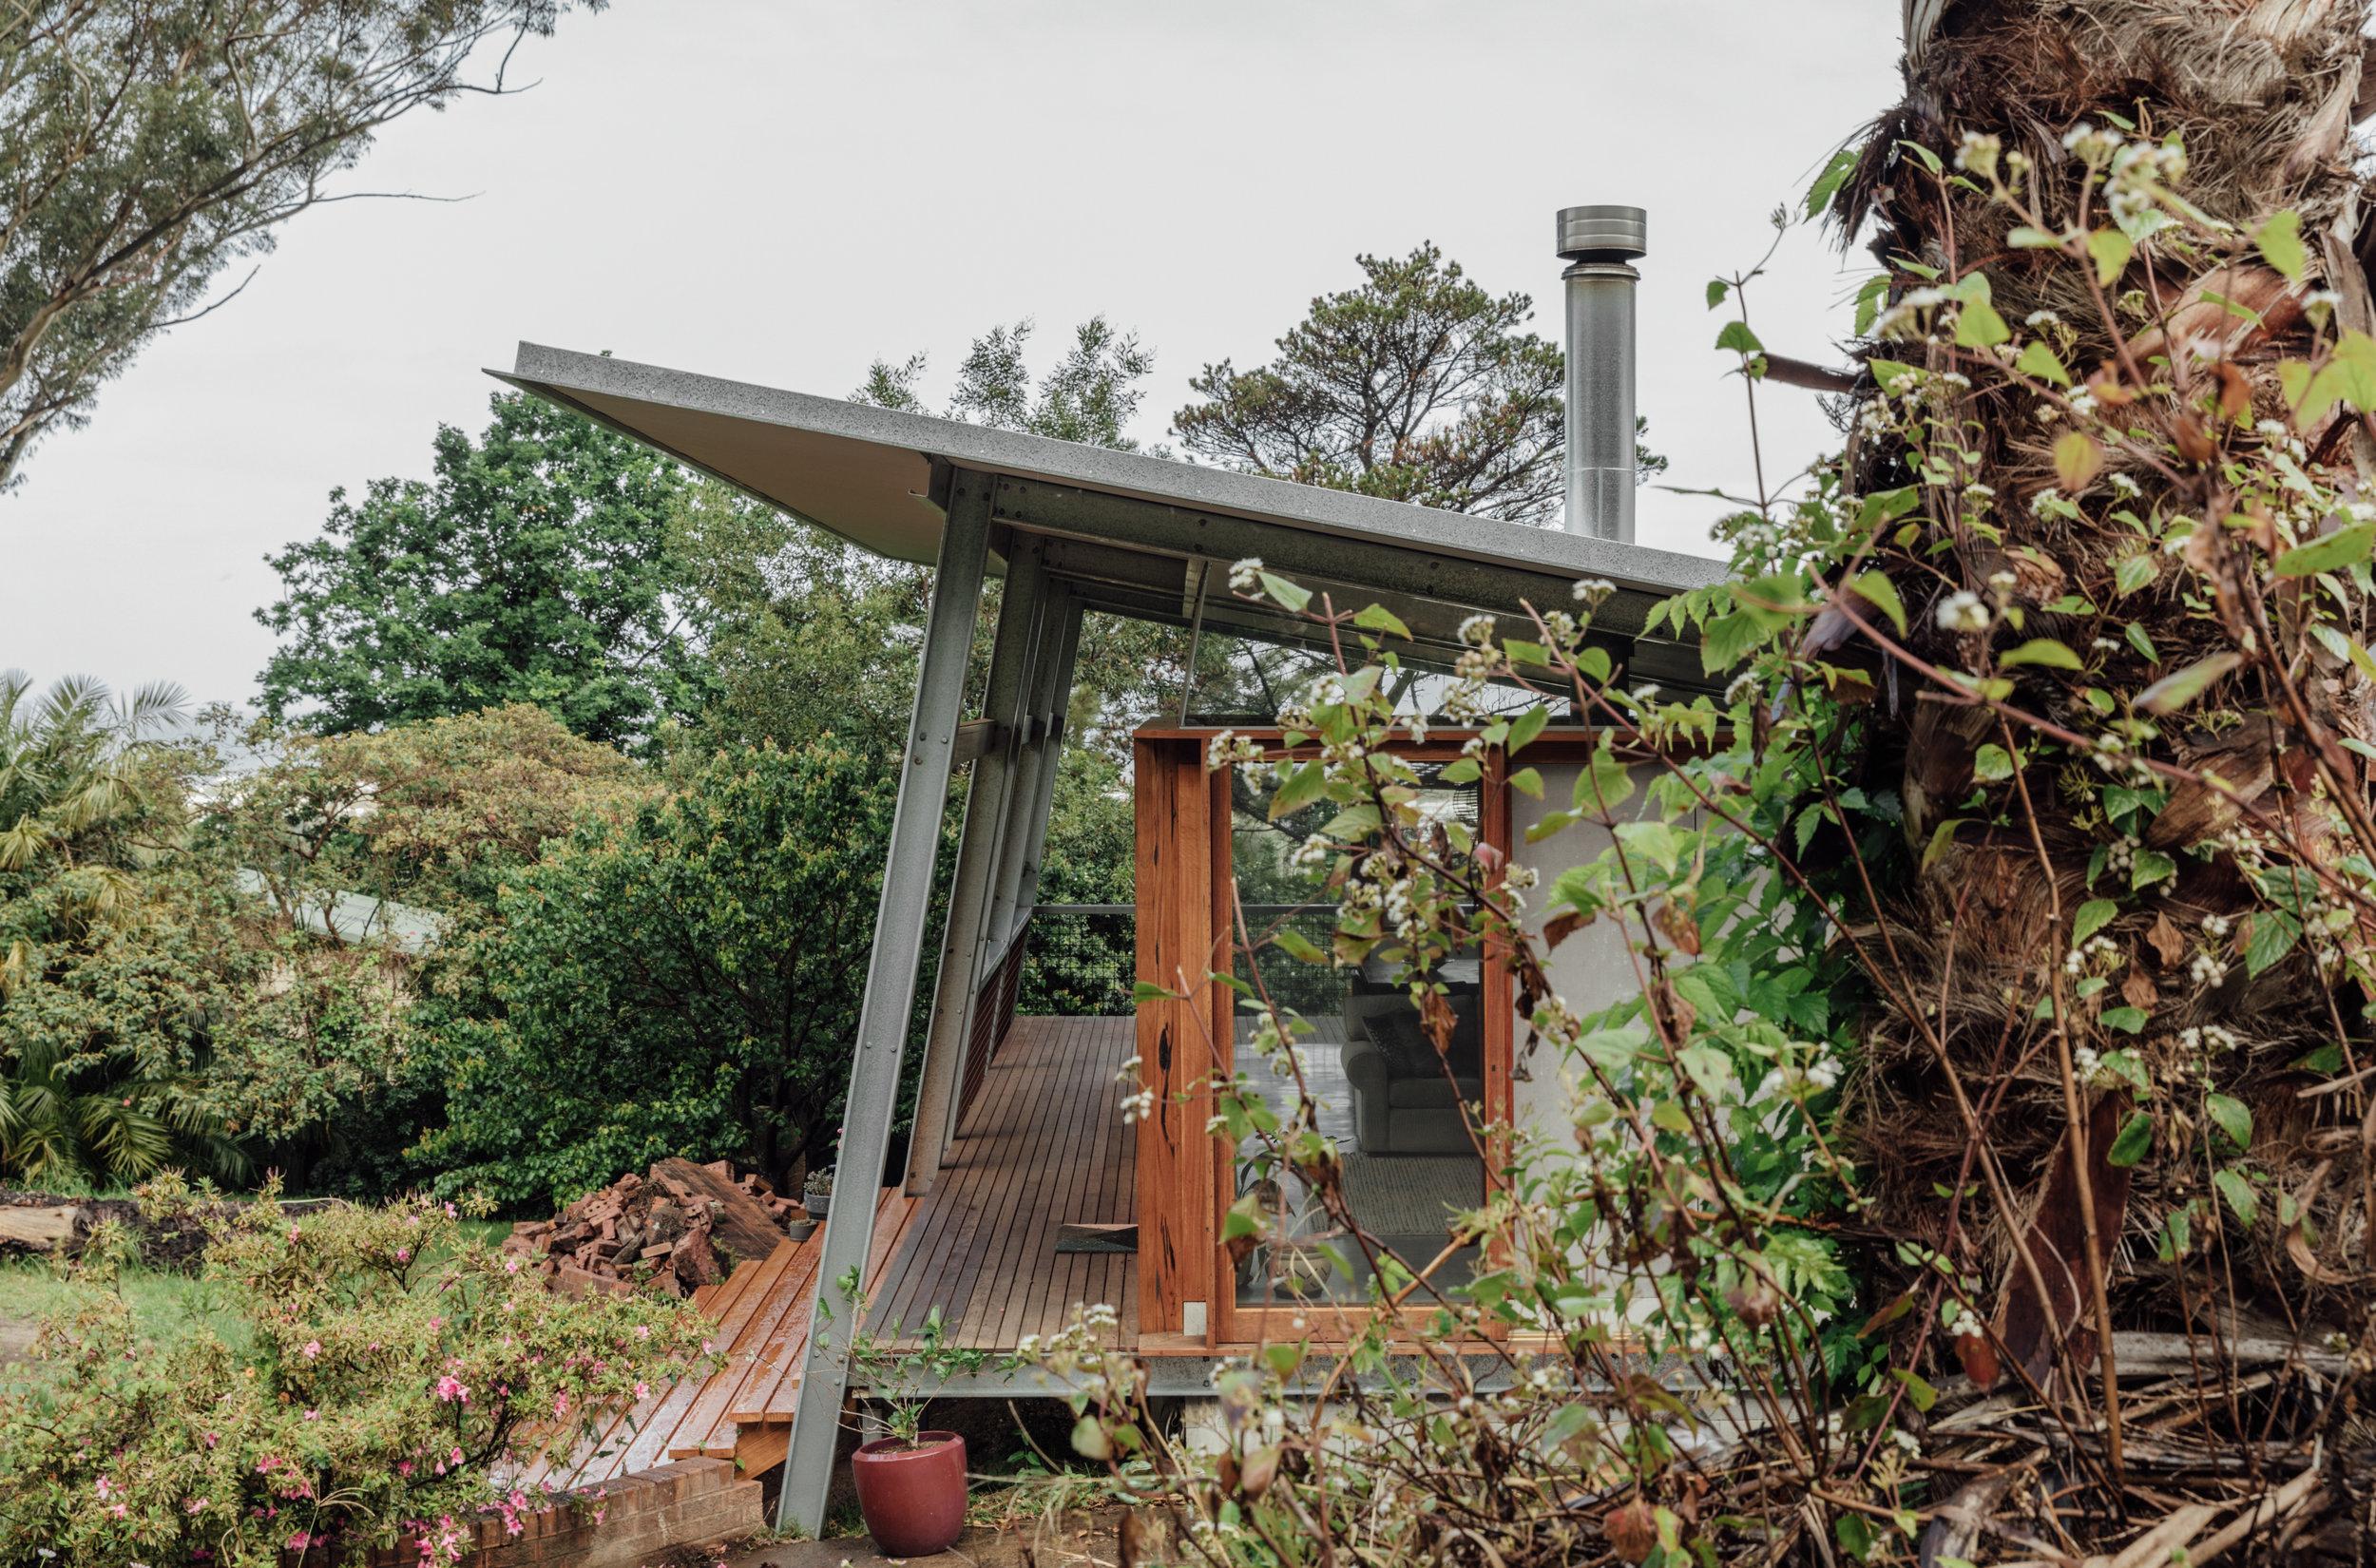 Takt exoskeleton house extension.jpg